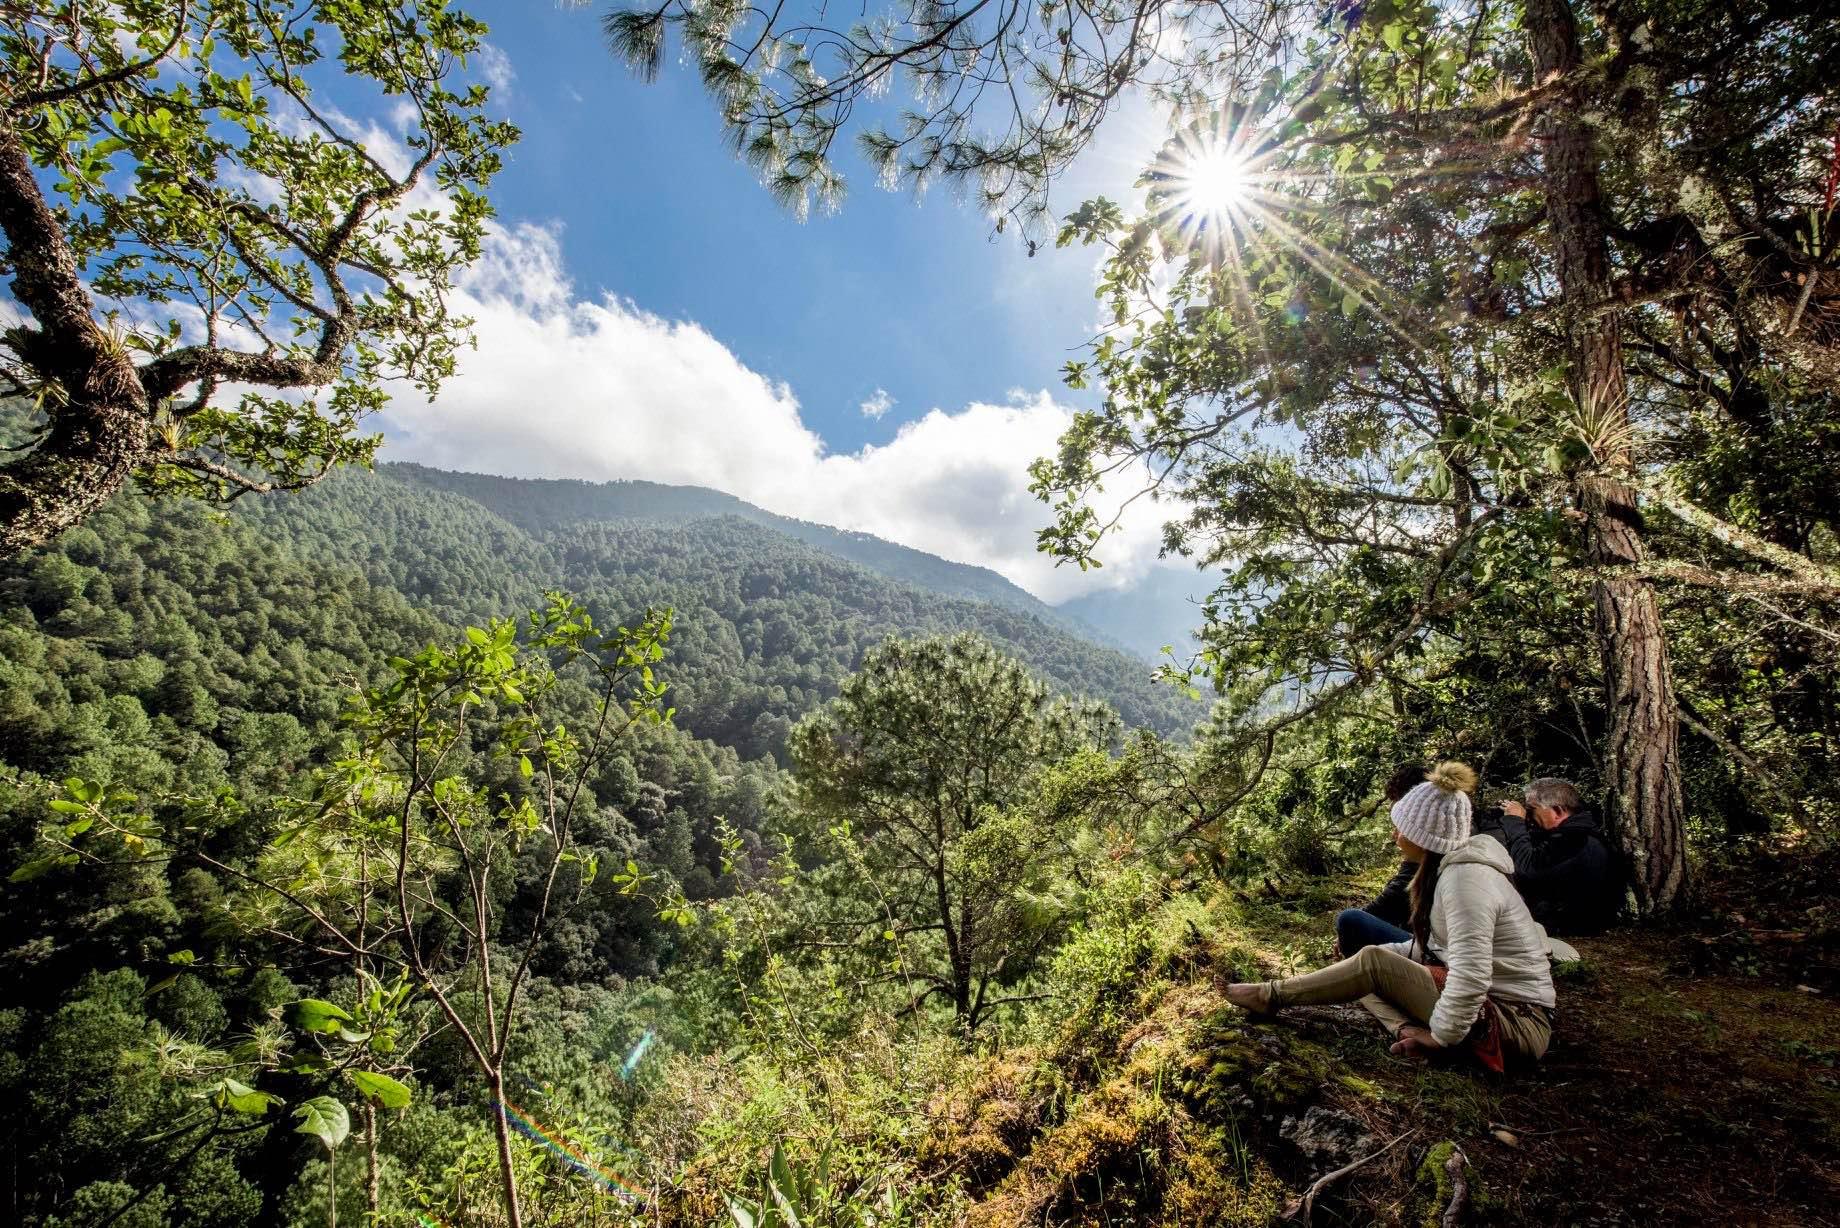 Ecoturísmo en bosques comunitarios